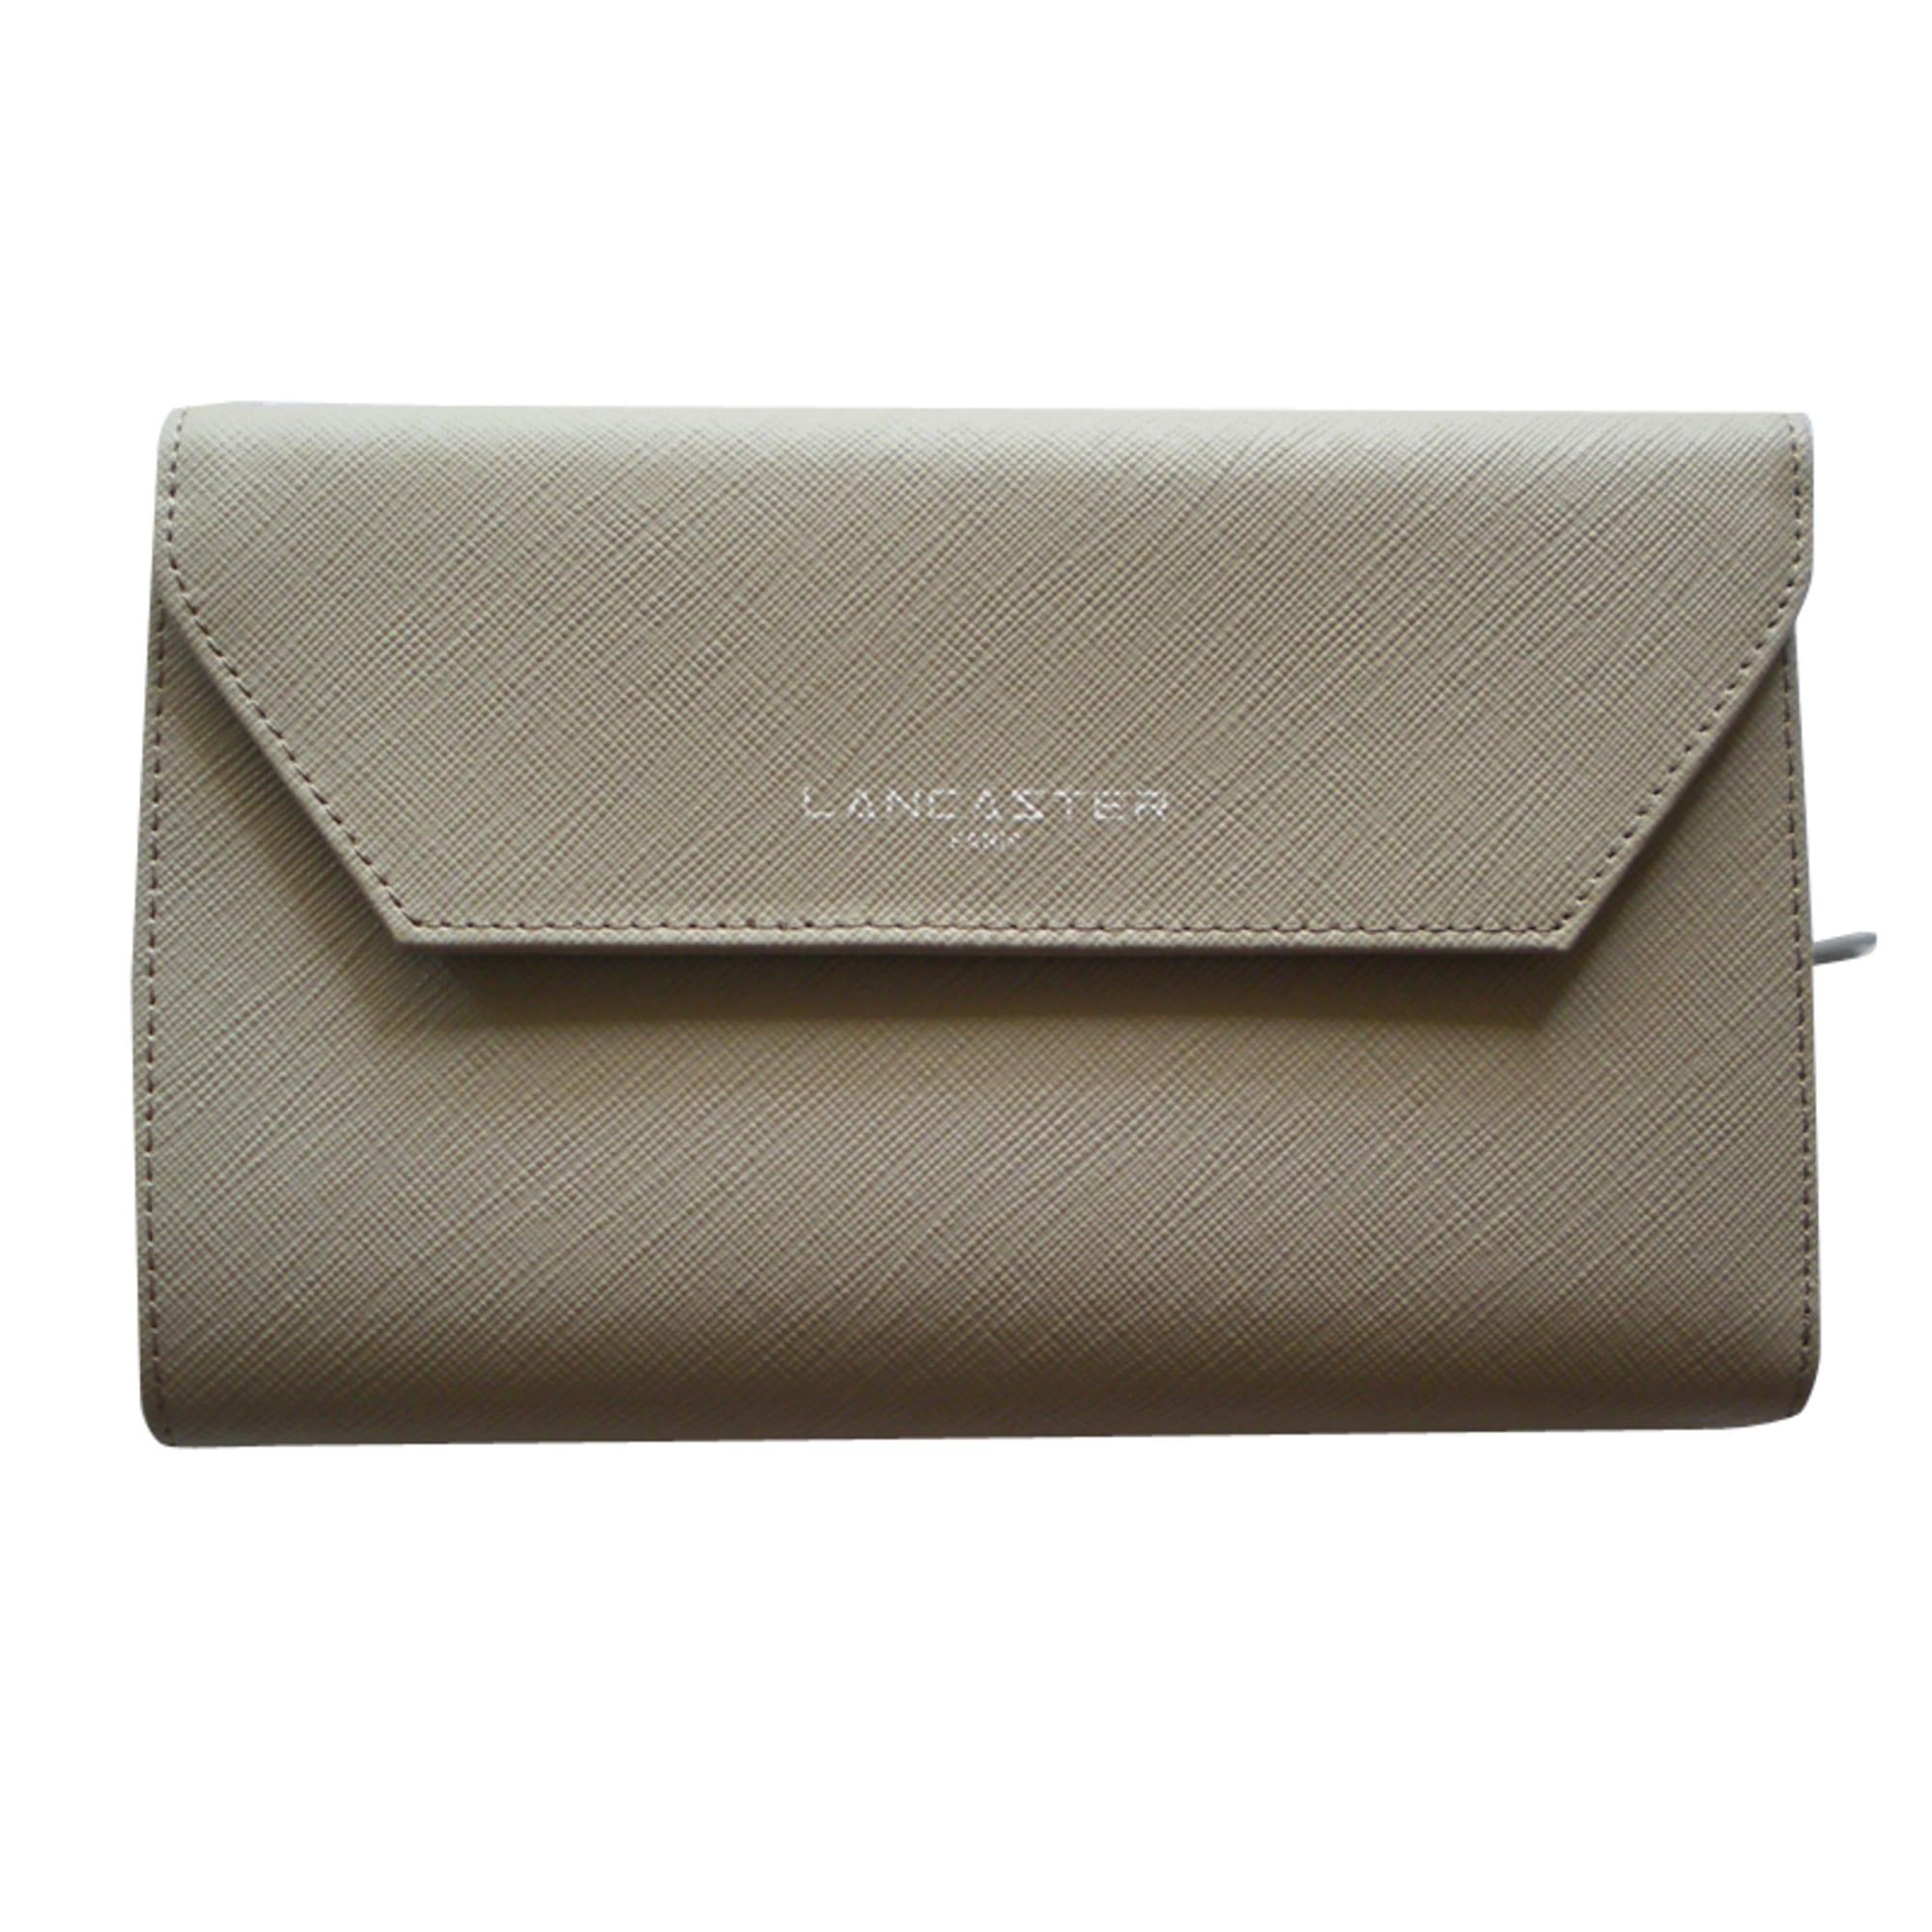 Portefeuille LANCASTER gris vendu par Les bonnes affaires de la ... c909ce09db4